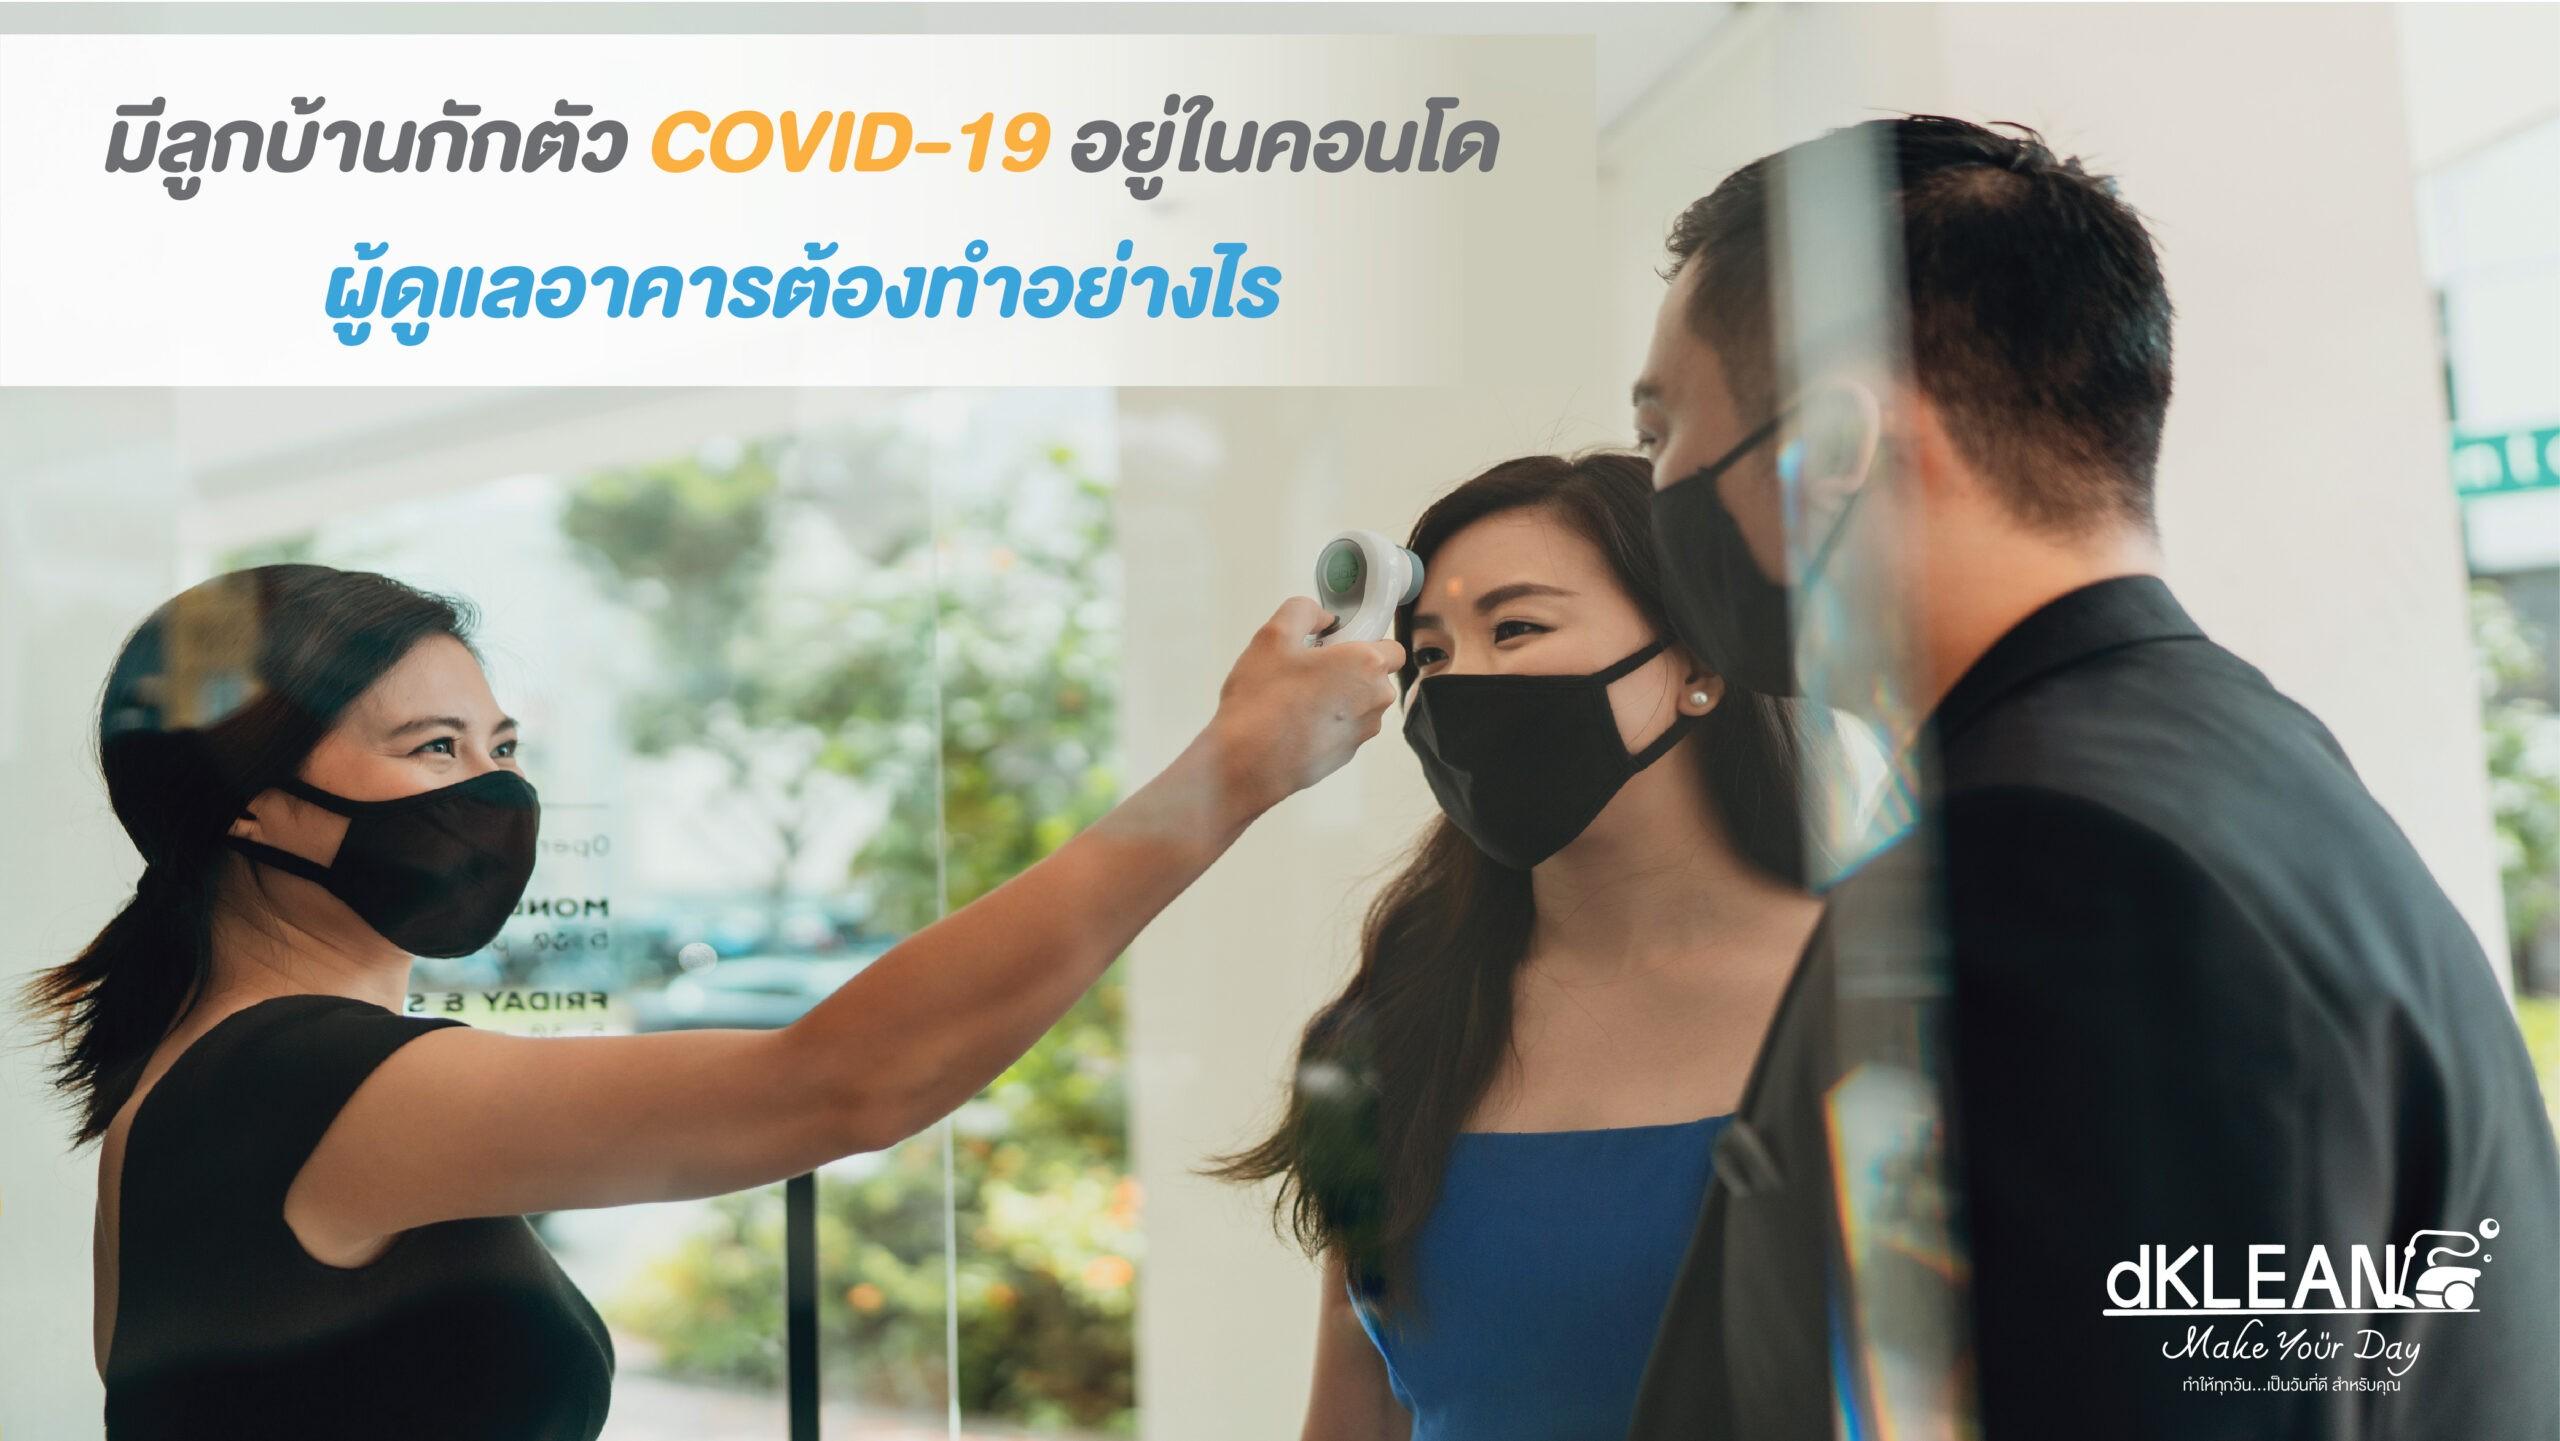 กักตัวCOVID-19